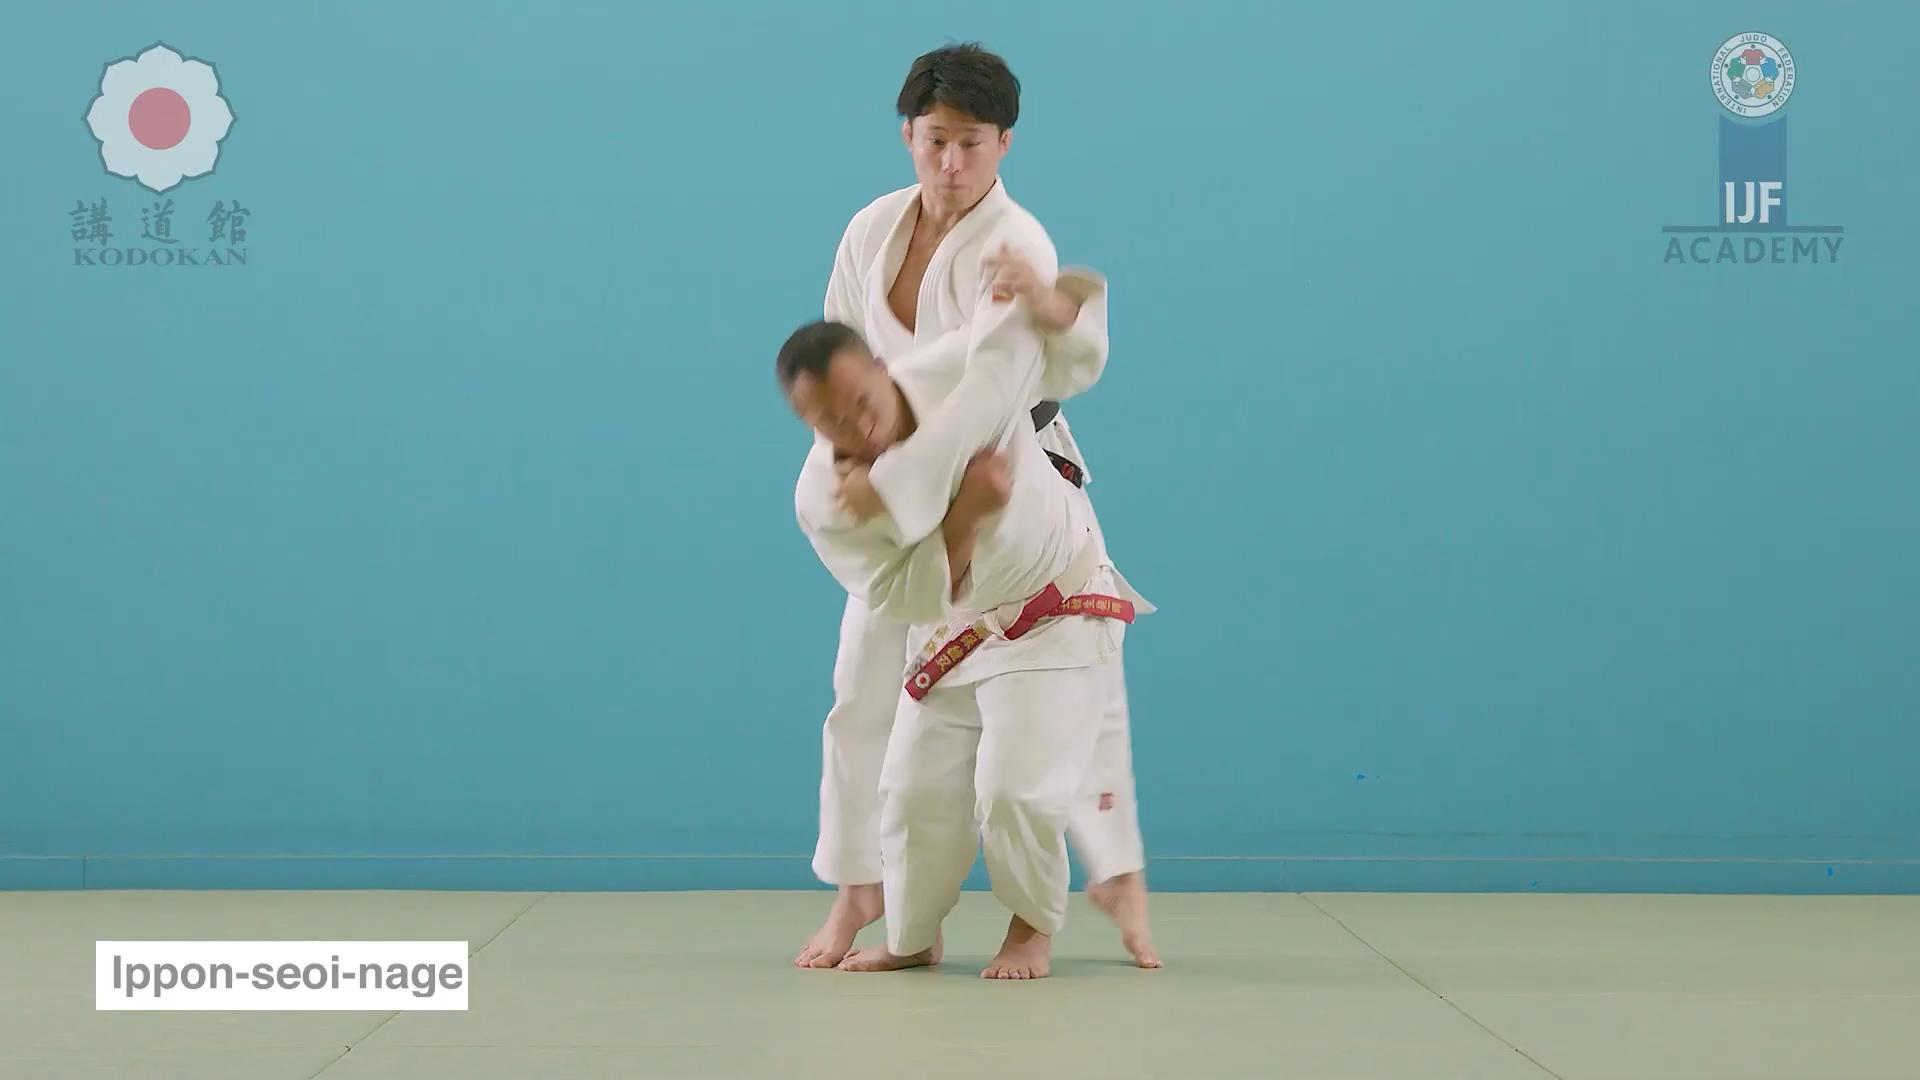 asemănări și deosebiri Sambo și judo